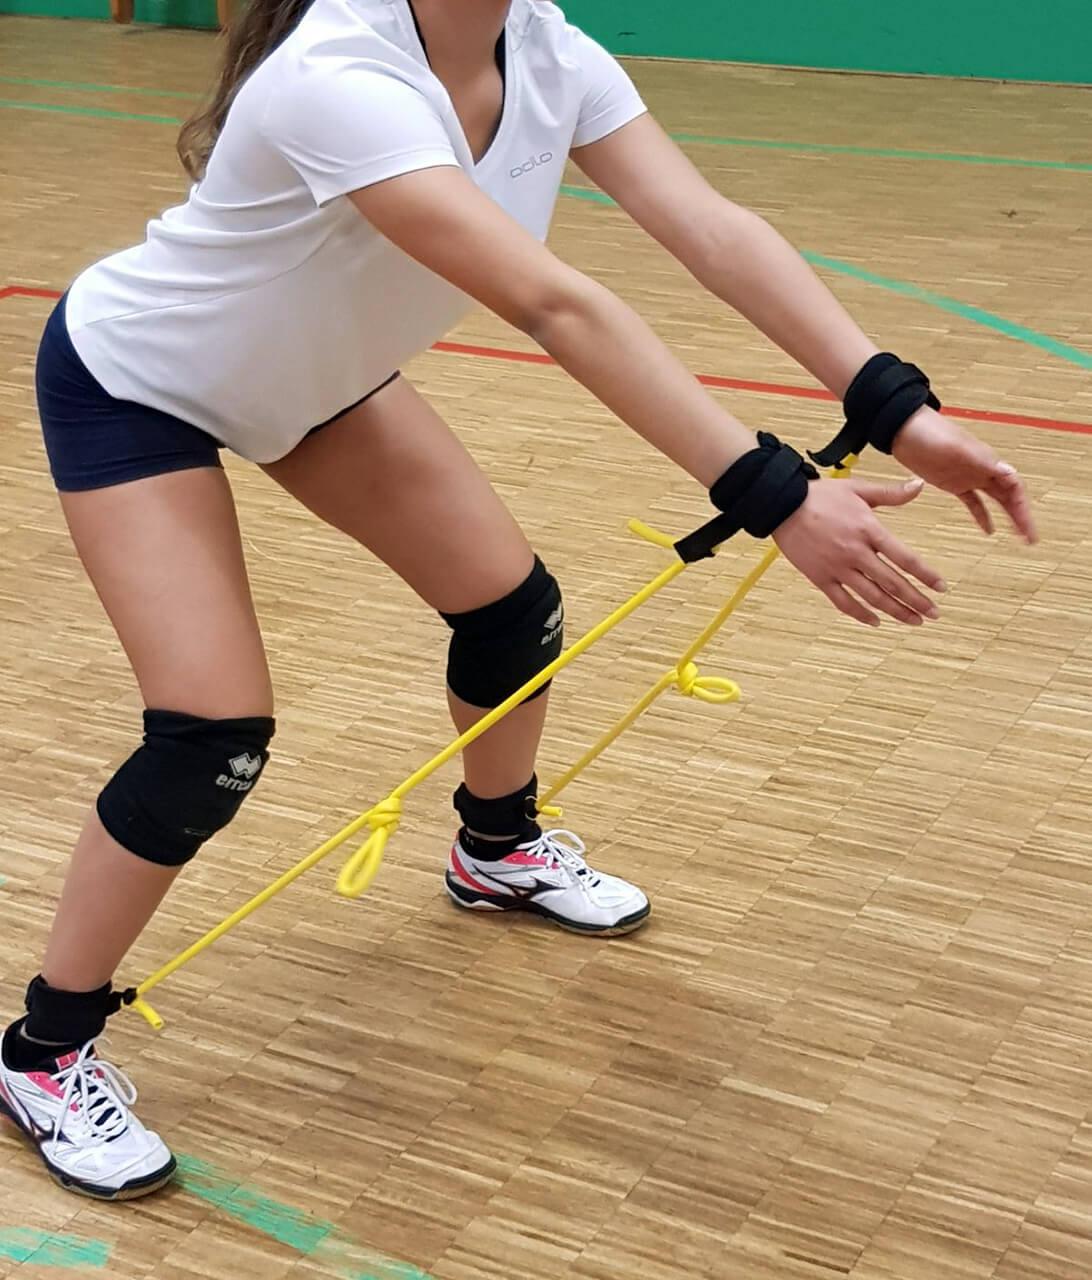 kit-allenamento-pallavolo-991725-991726-991727-991728-bbsitalia